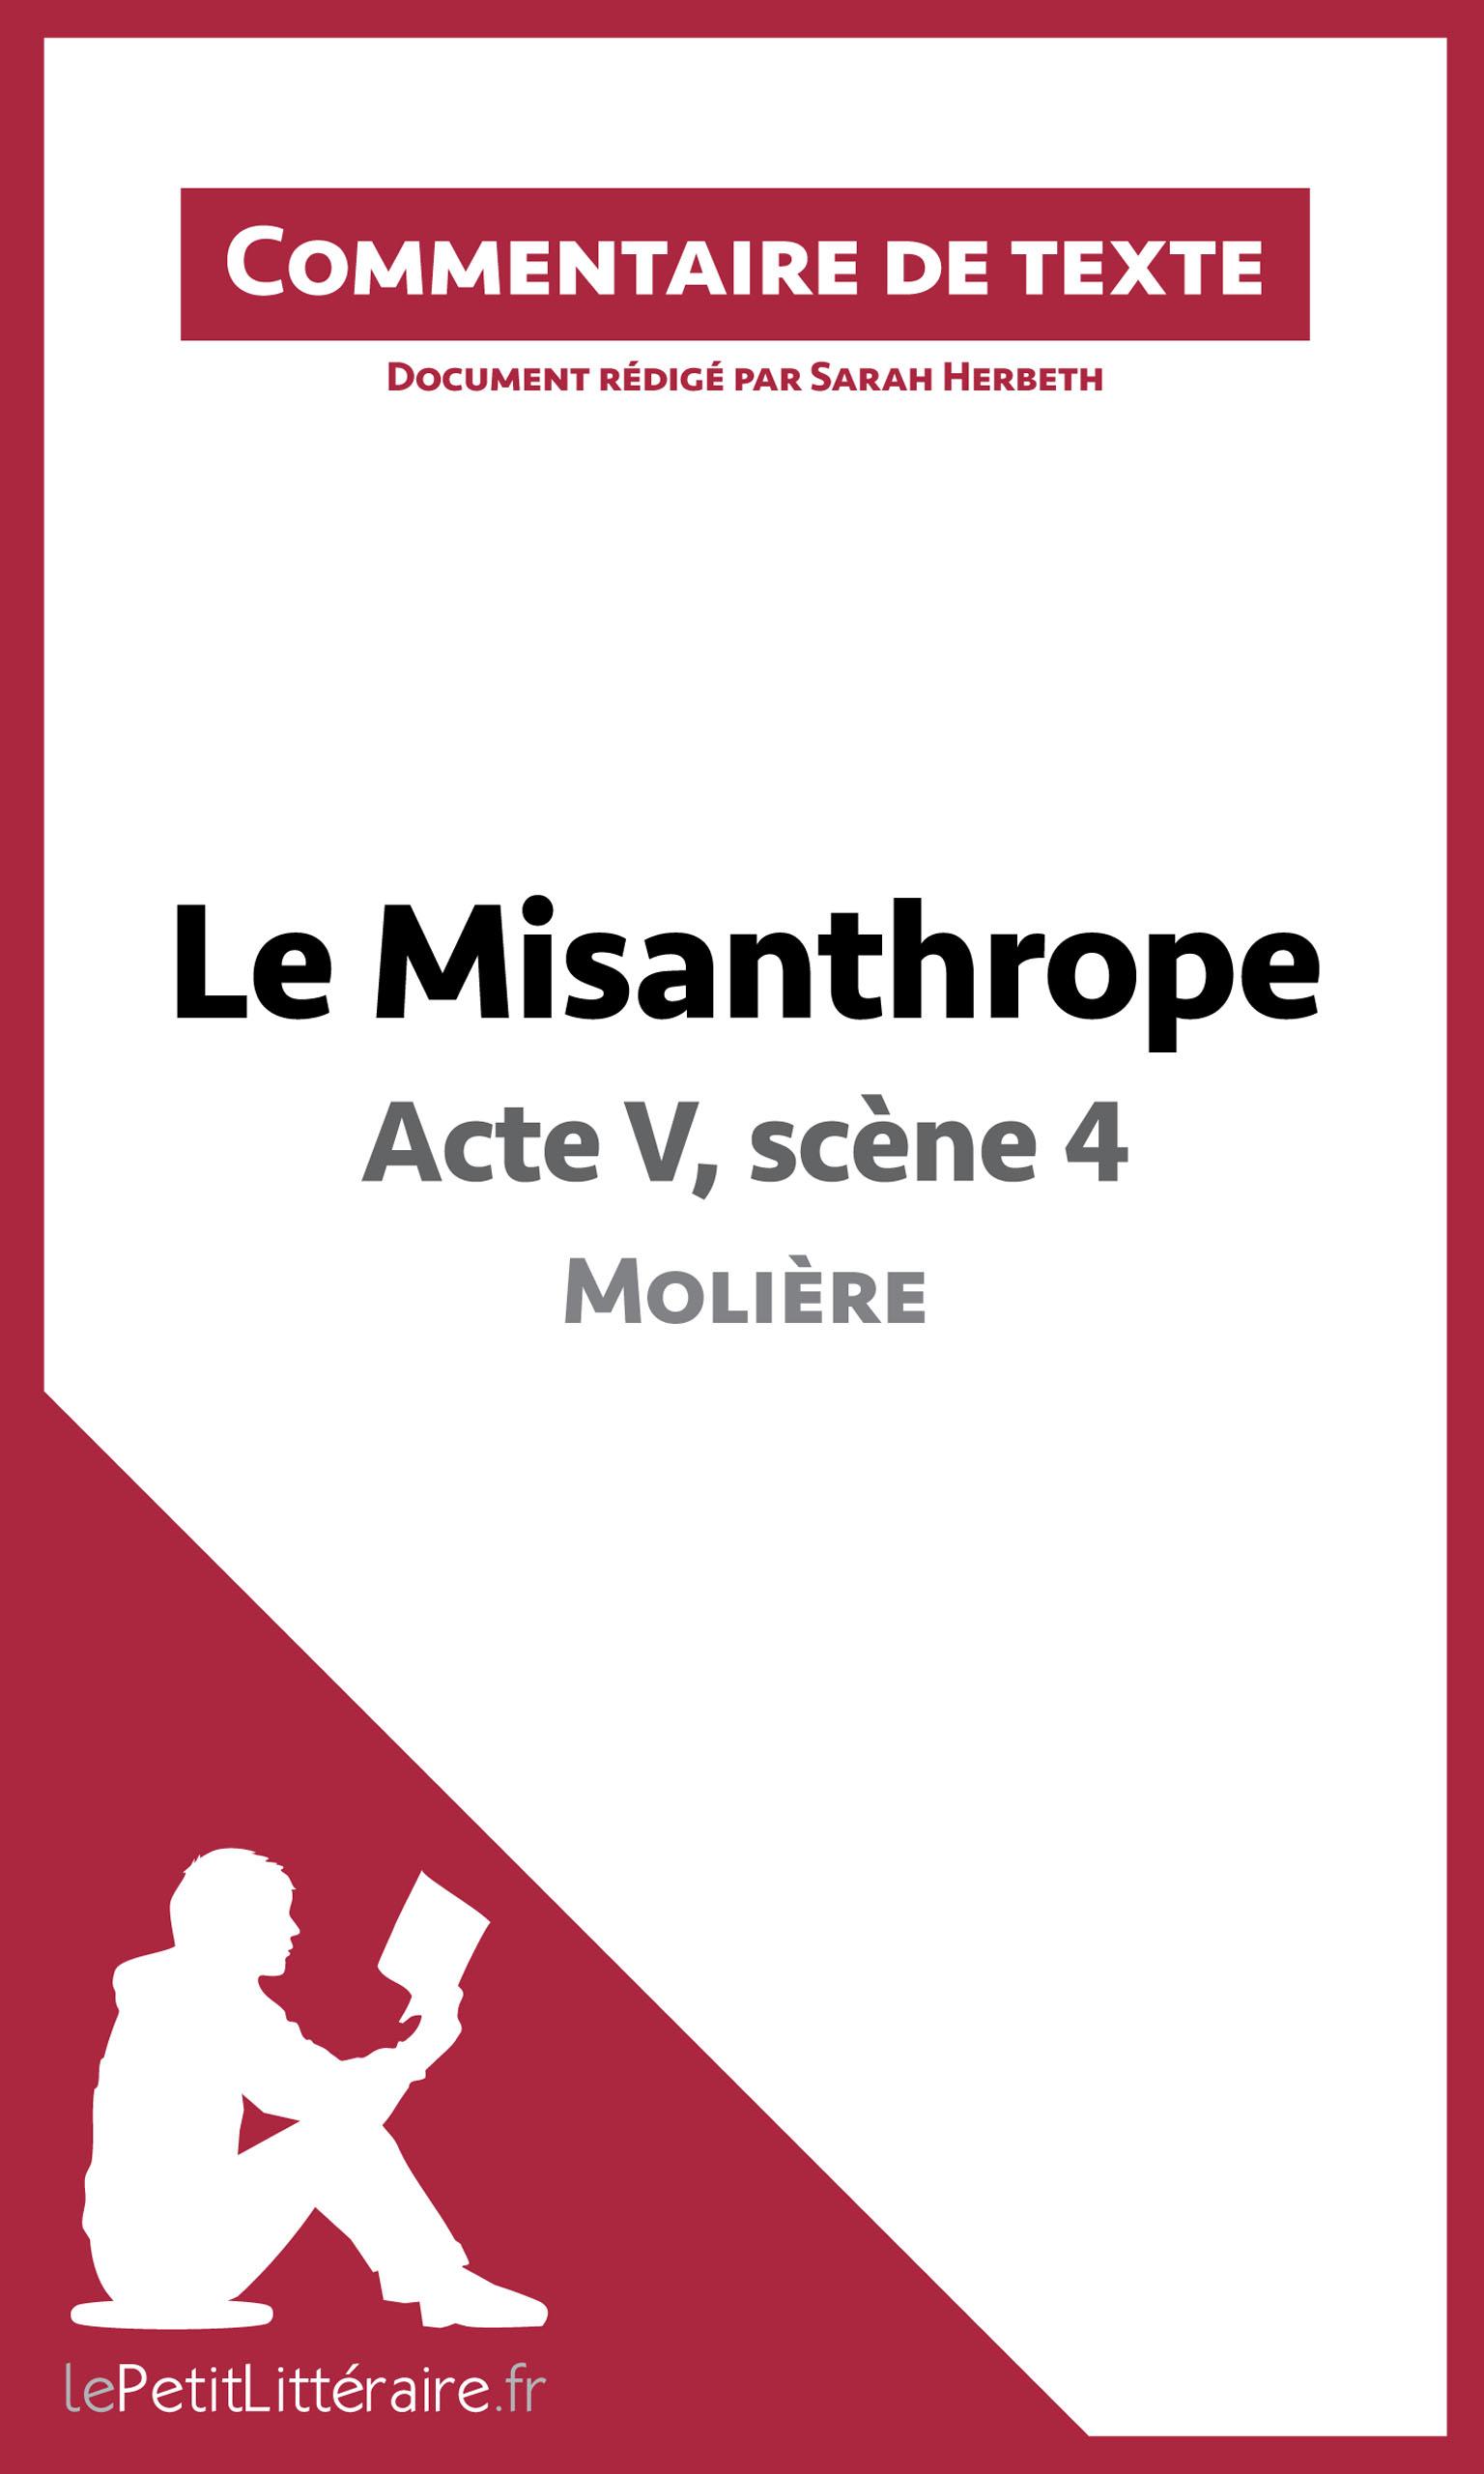 La scène 4 de l'acte V